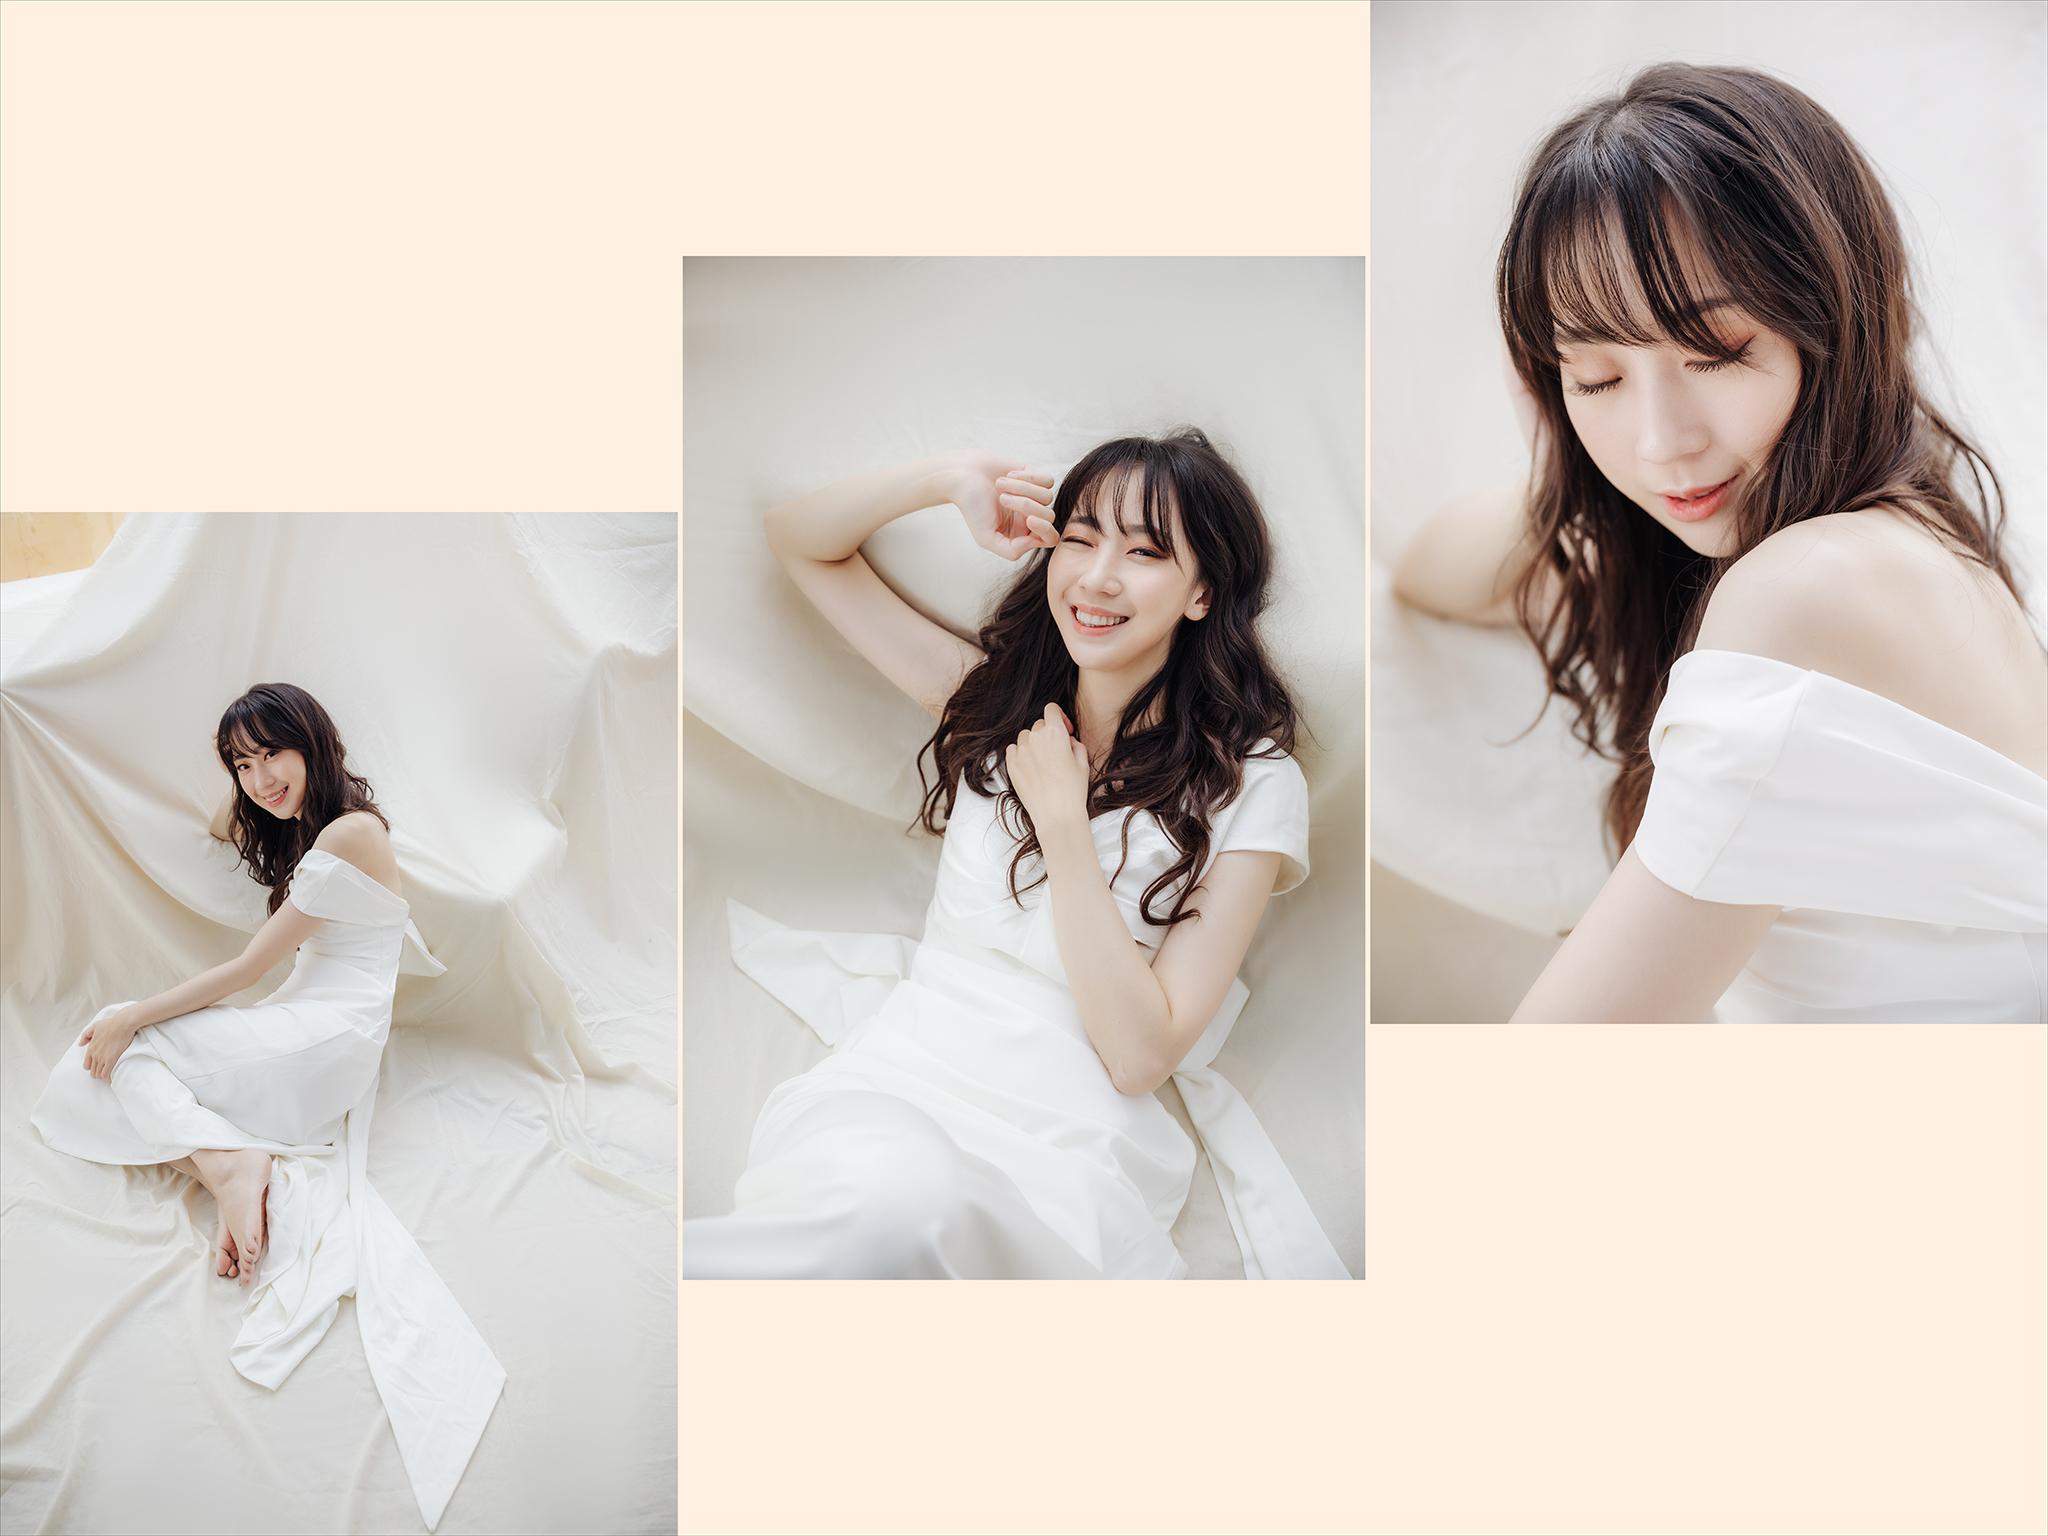 50659285253 829ca2bc03 o - 【自主婚紗】+Melody+